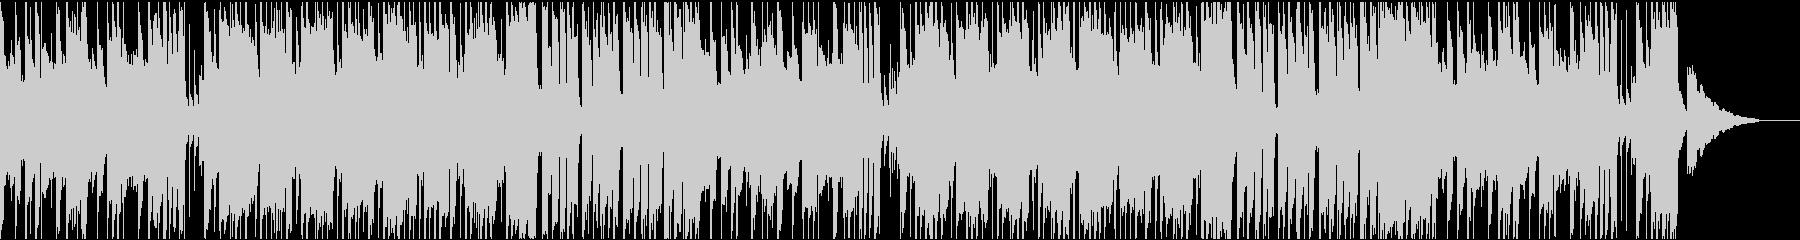 9秒でサビ、さわやか/カラオケの未再生の波形